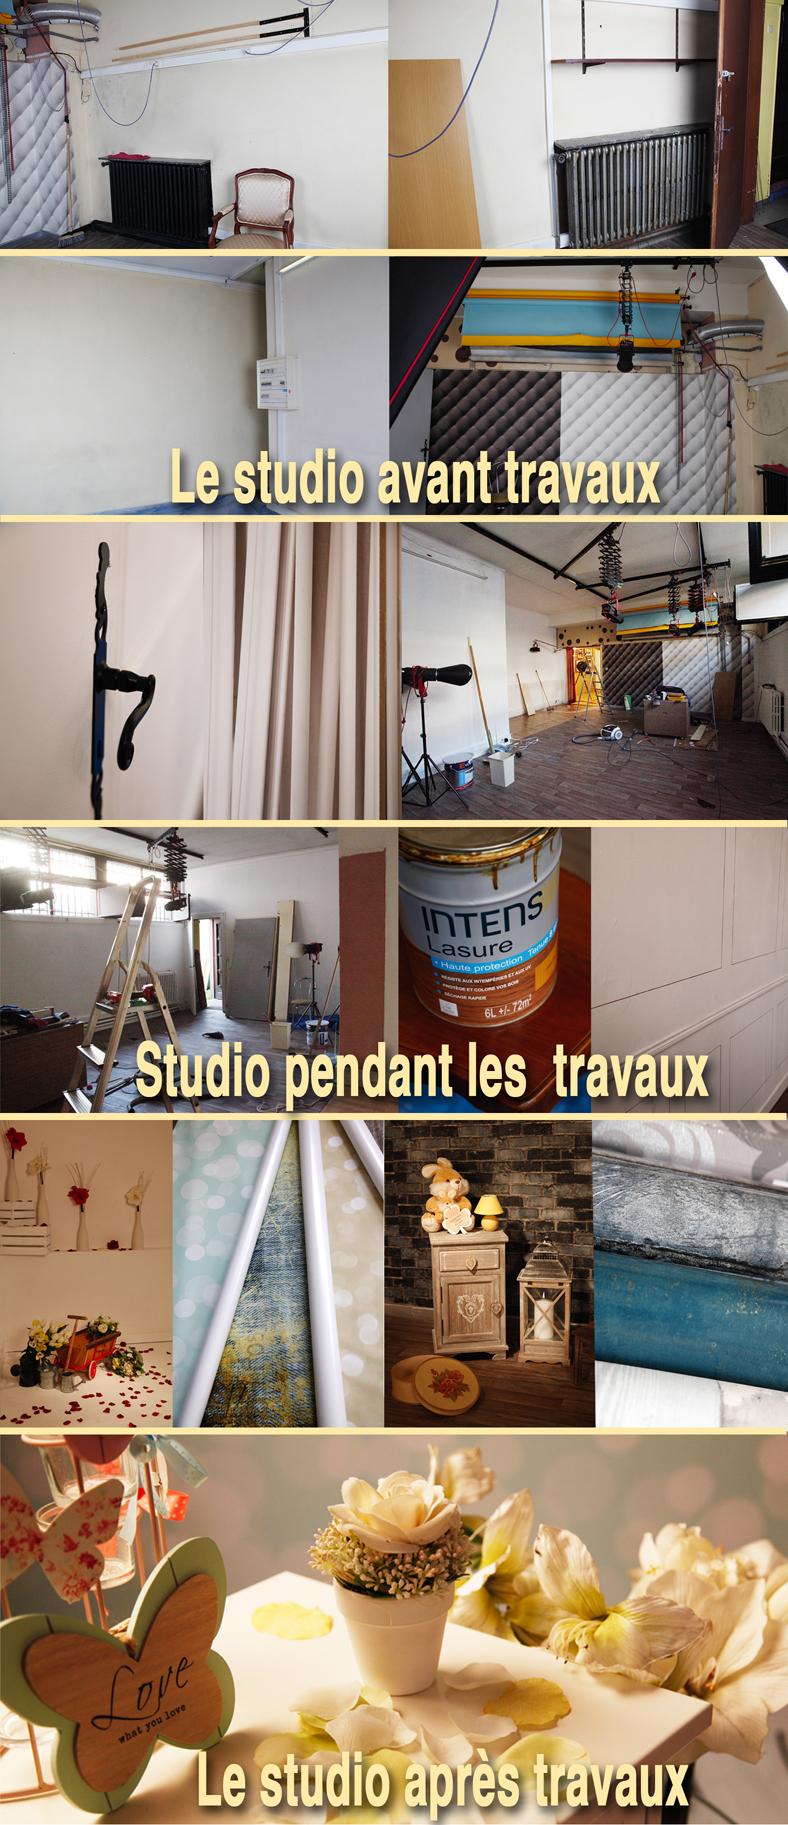 Le studio en travaux : photo avant pendant et après les travaux